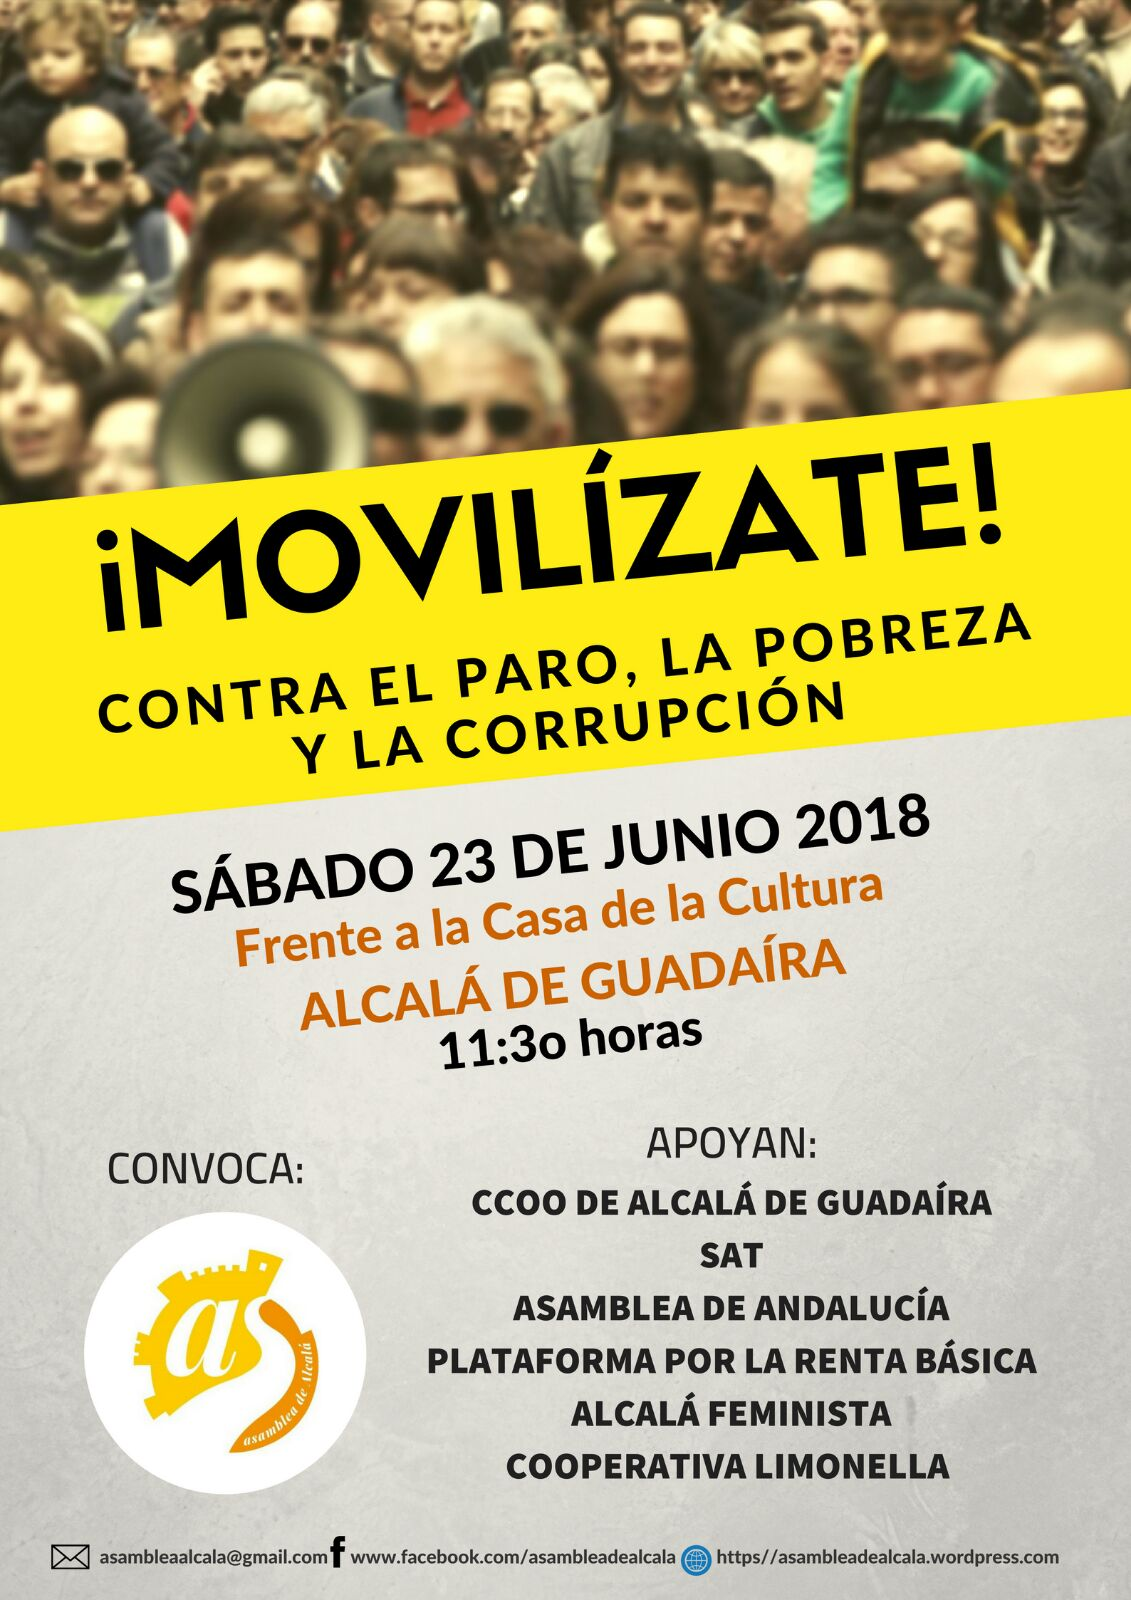 ¡MOVILIZATE! CONTRA EL PARO,LA POBREZA Y LA CORRUPCIÓN. Manifiesto y fotos de la manifestación.